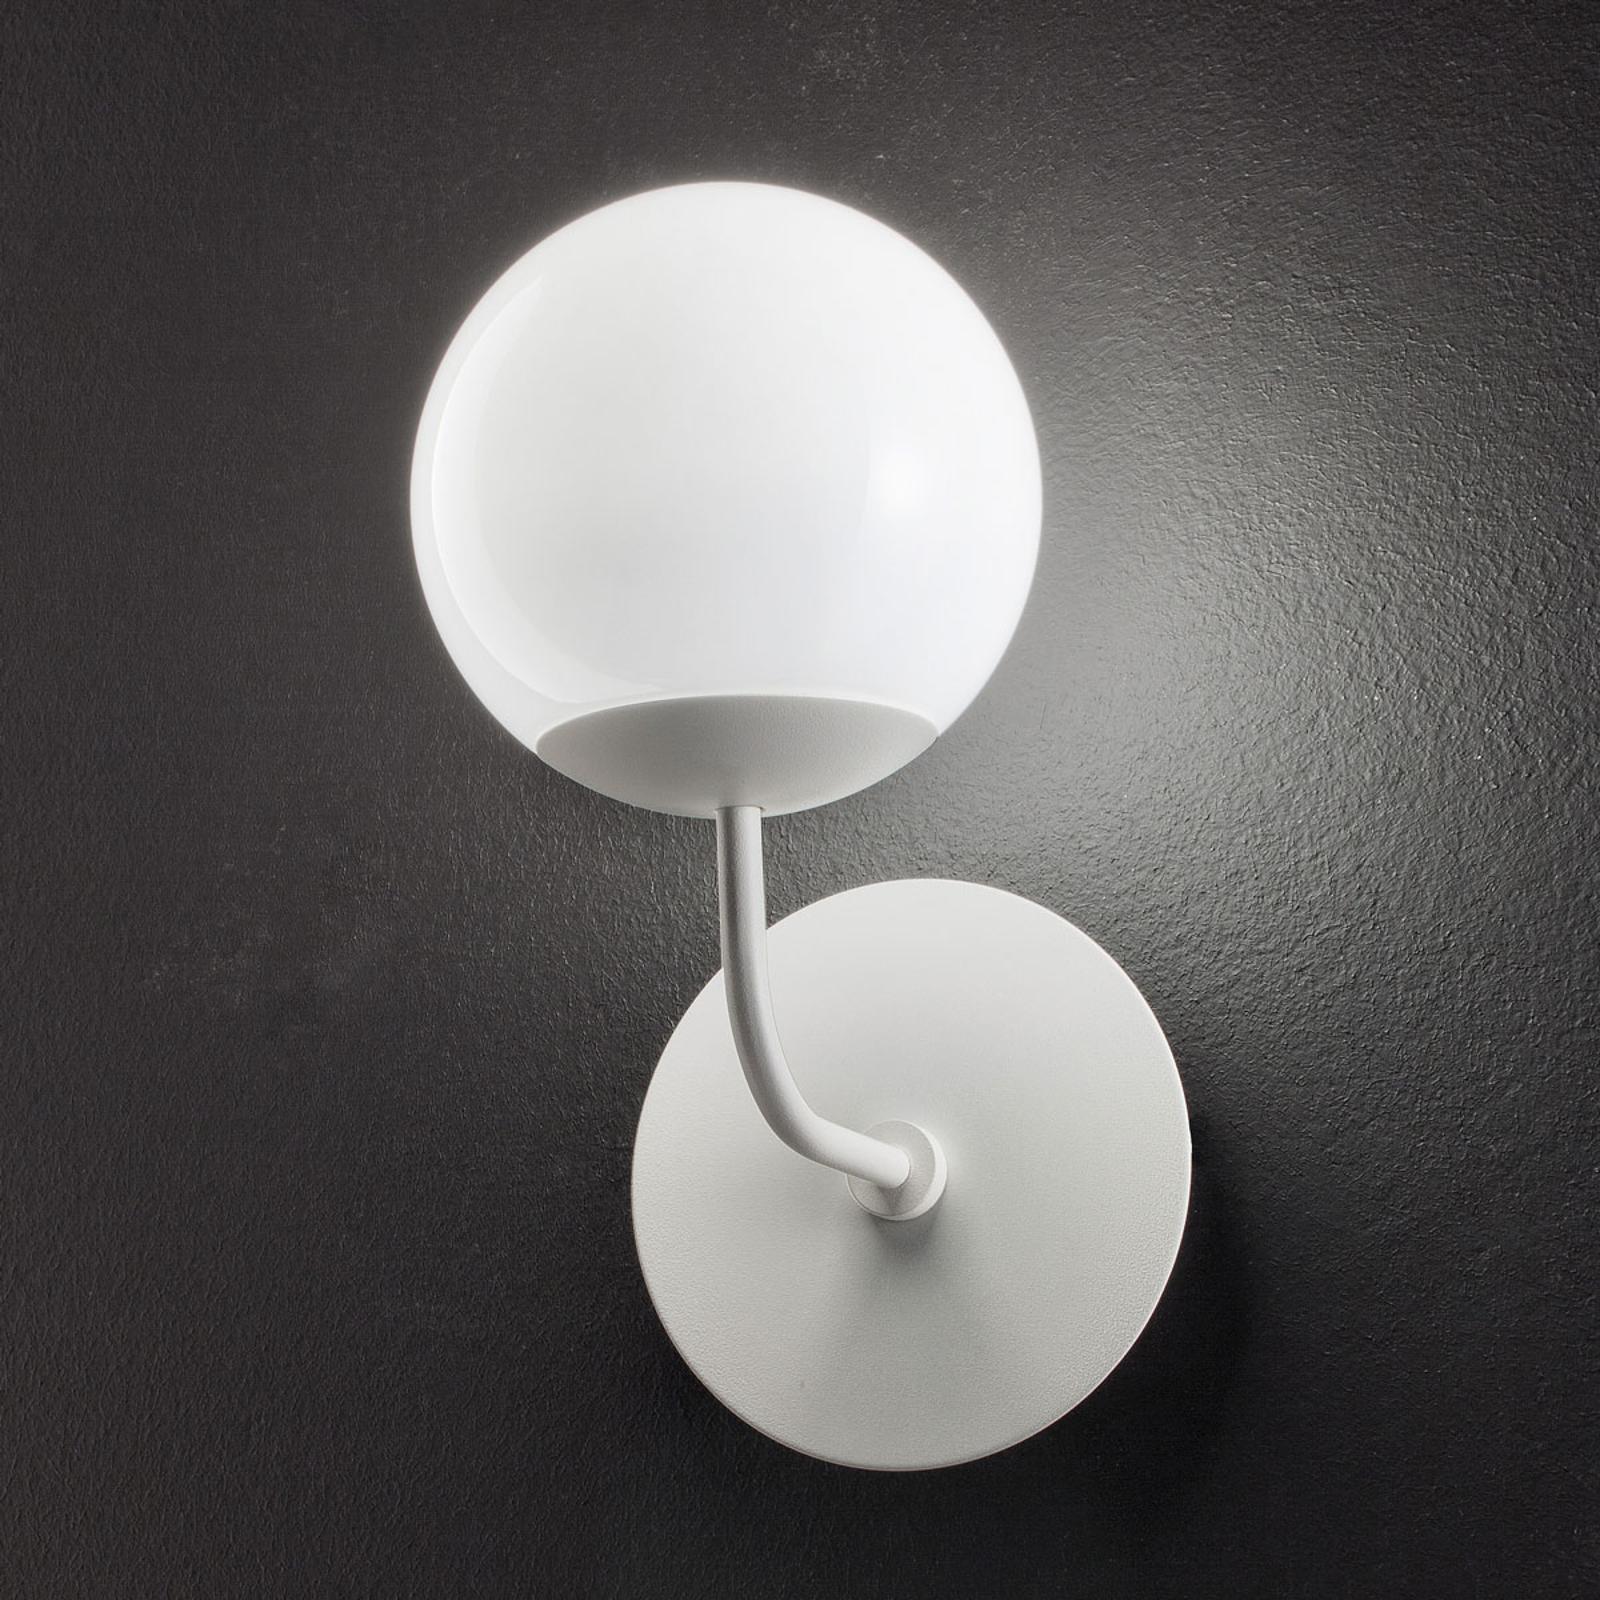 Rund LED-vegglampe Sfera, hvit